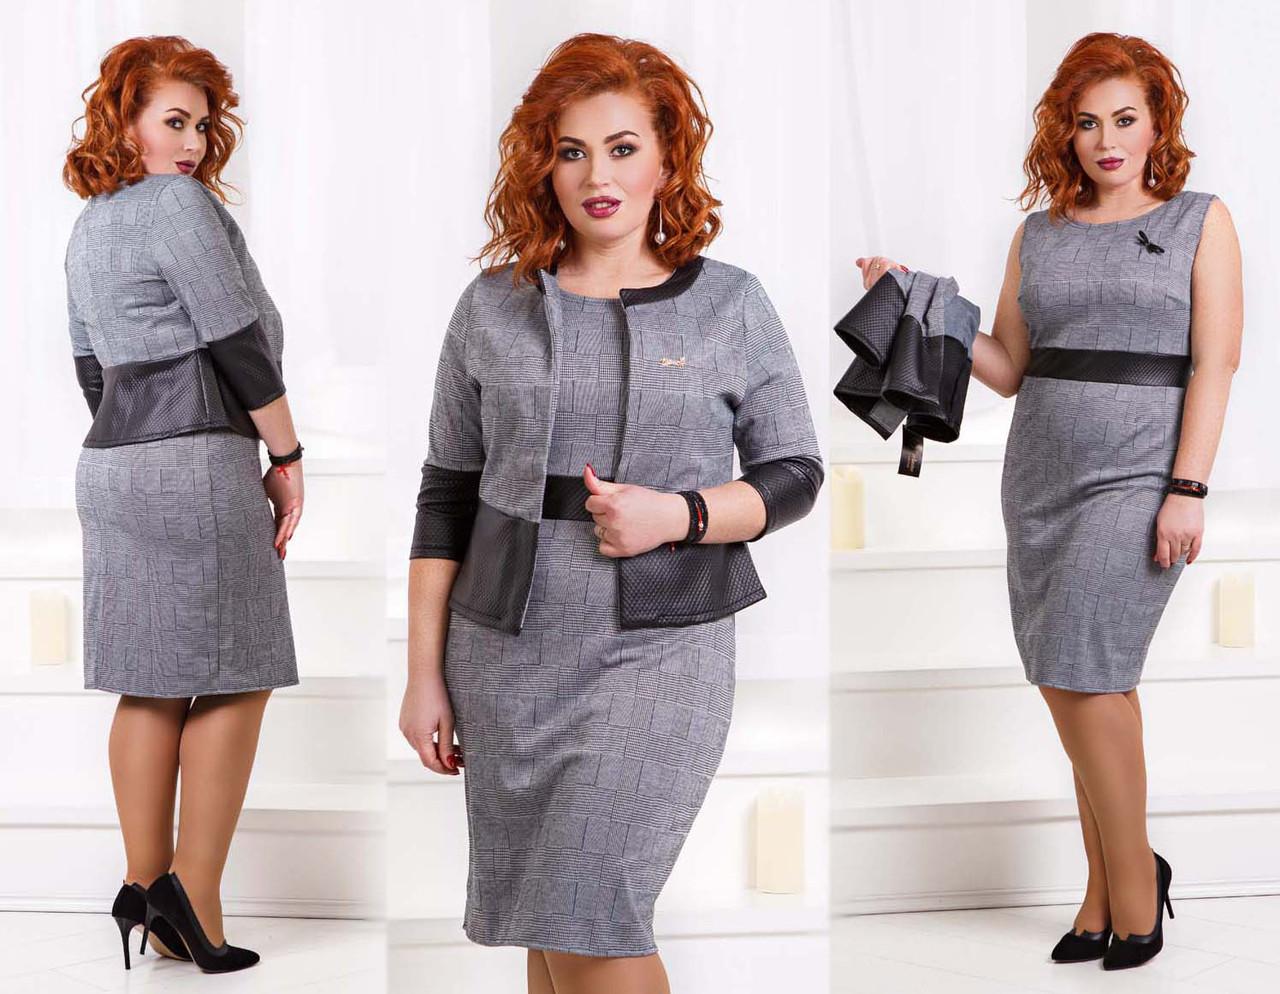 """Женский элегантный комплект с платьем в больших размерах 1233-1 """"Трикотаж Клетка Кожа Стёганка"""""""